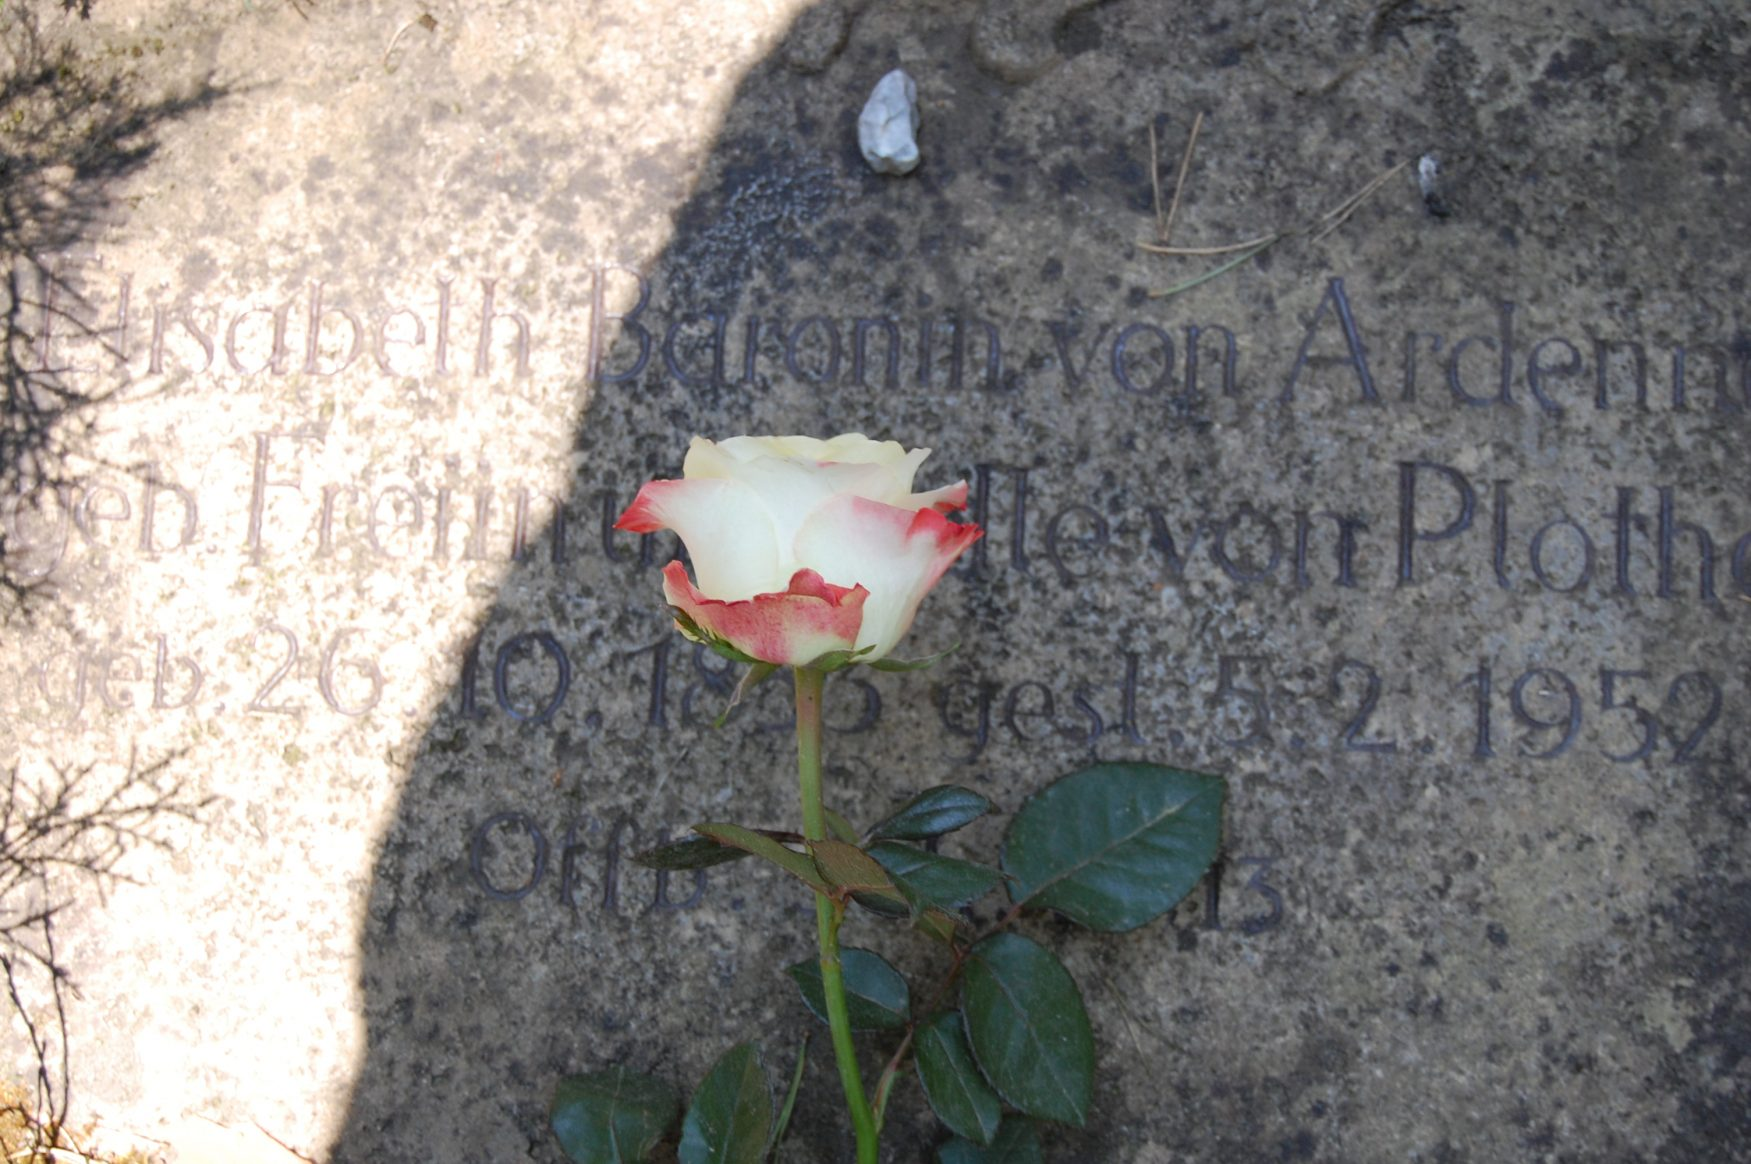 hre letzte Ruhestätte fand Elisabeth von Ardenne (Effi Briest) auf dem Stahnsdorfer Südwest-Kirchhof, Foto: K.Weirauch